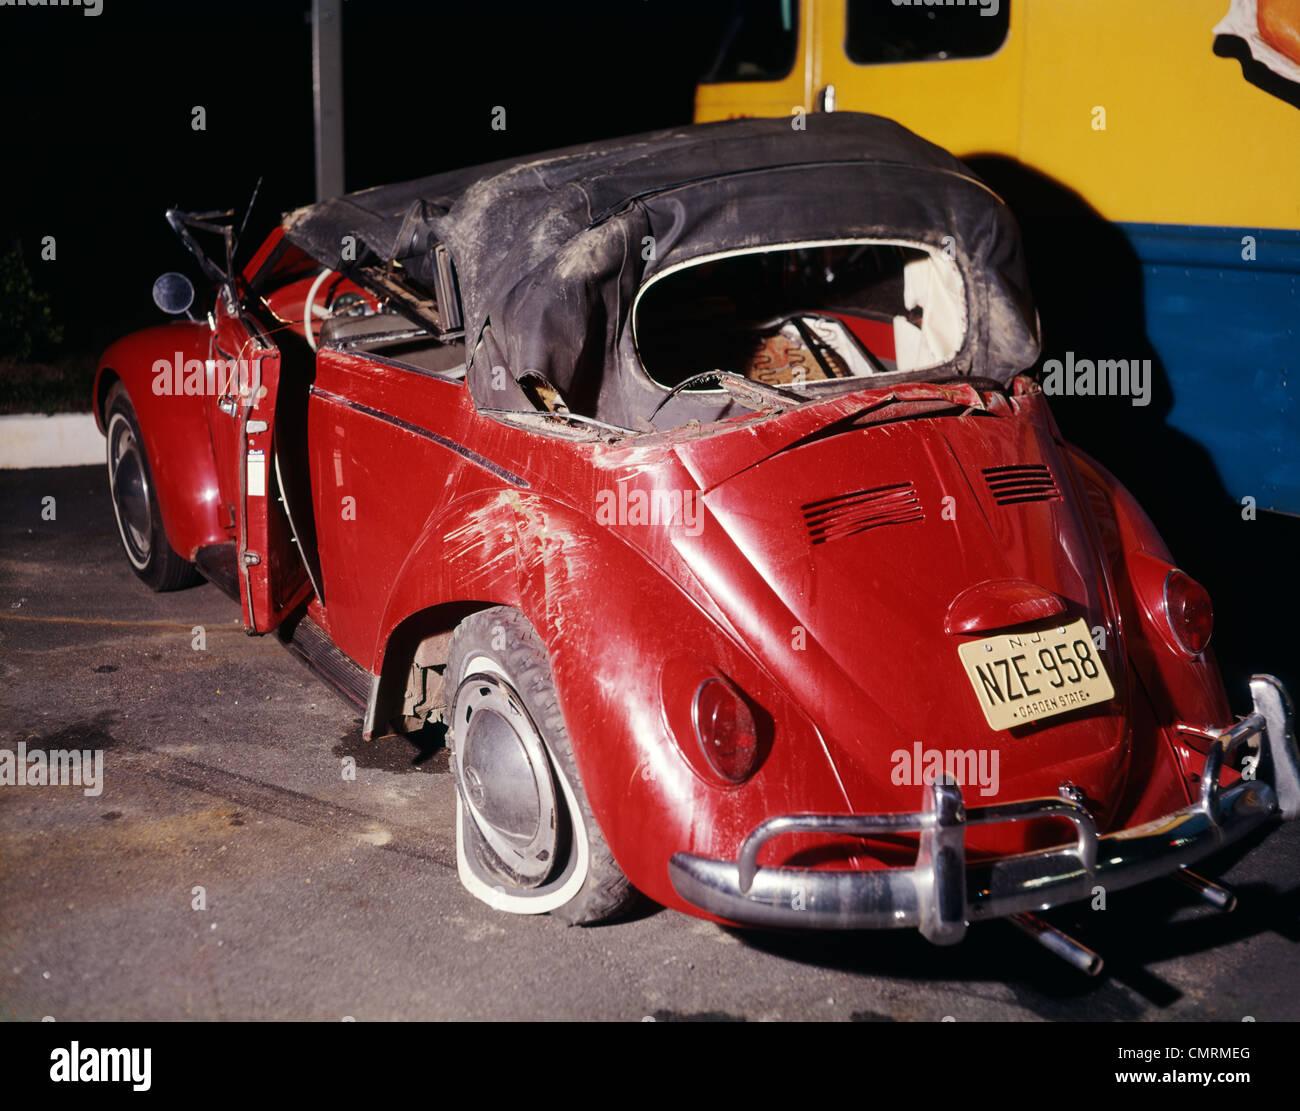 Buy Crashed Cars